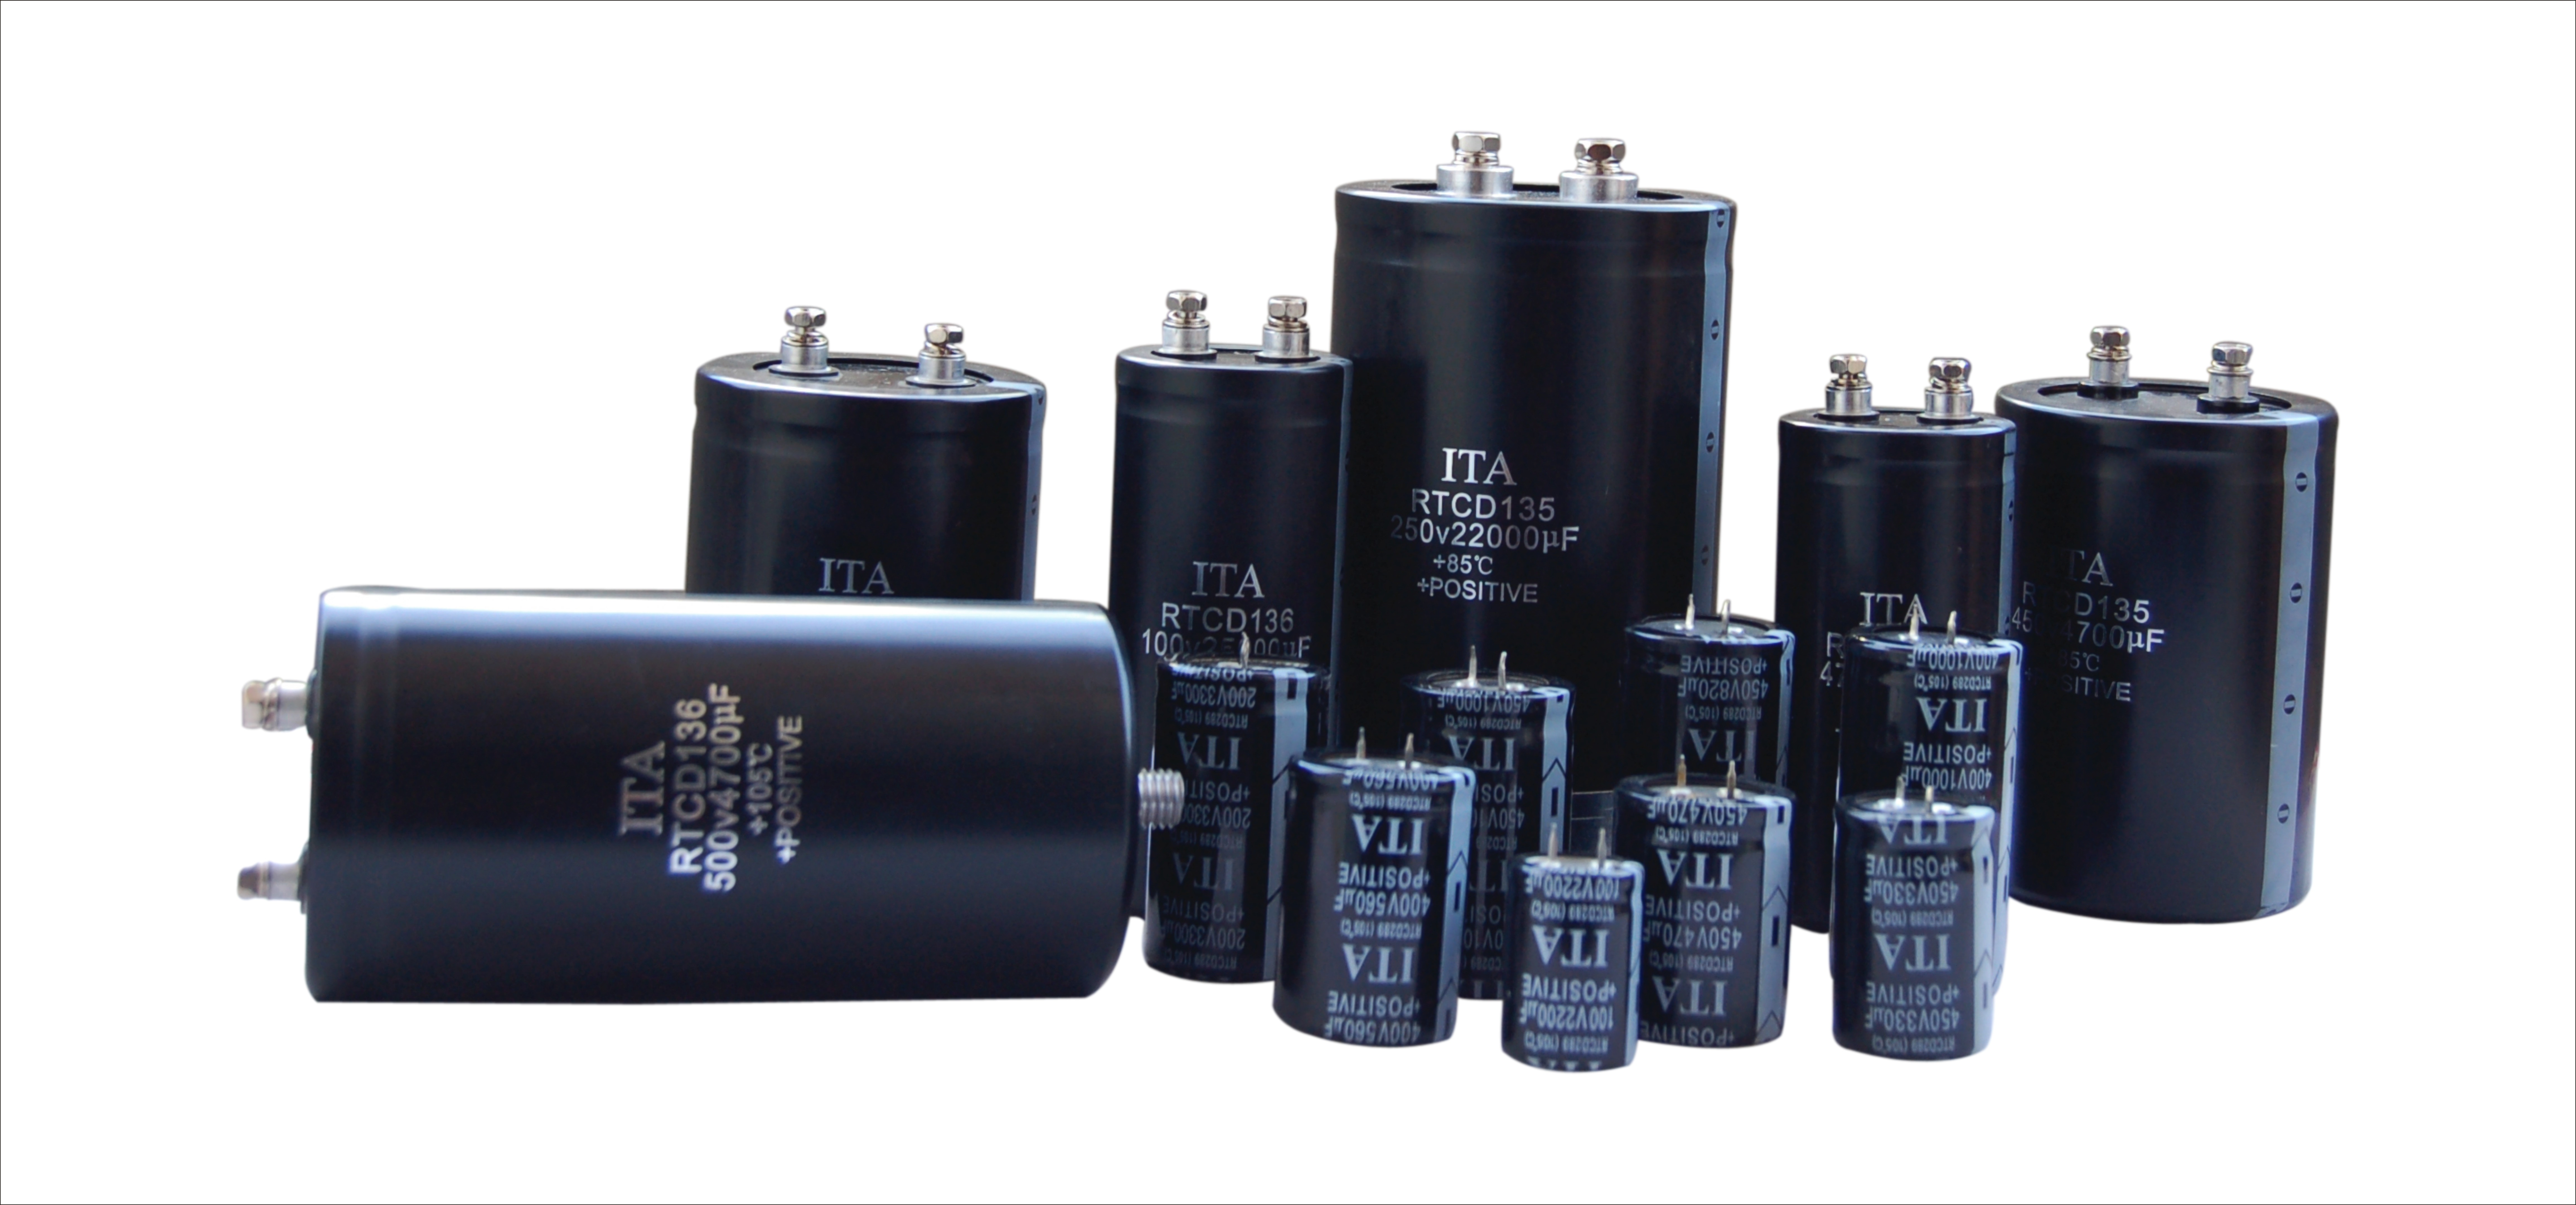 铝电解电容器-电解电容-铝电容厂家直销-螺栓电容-牛角电解电容-日田电容